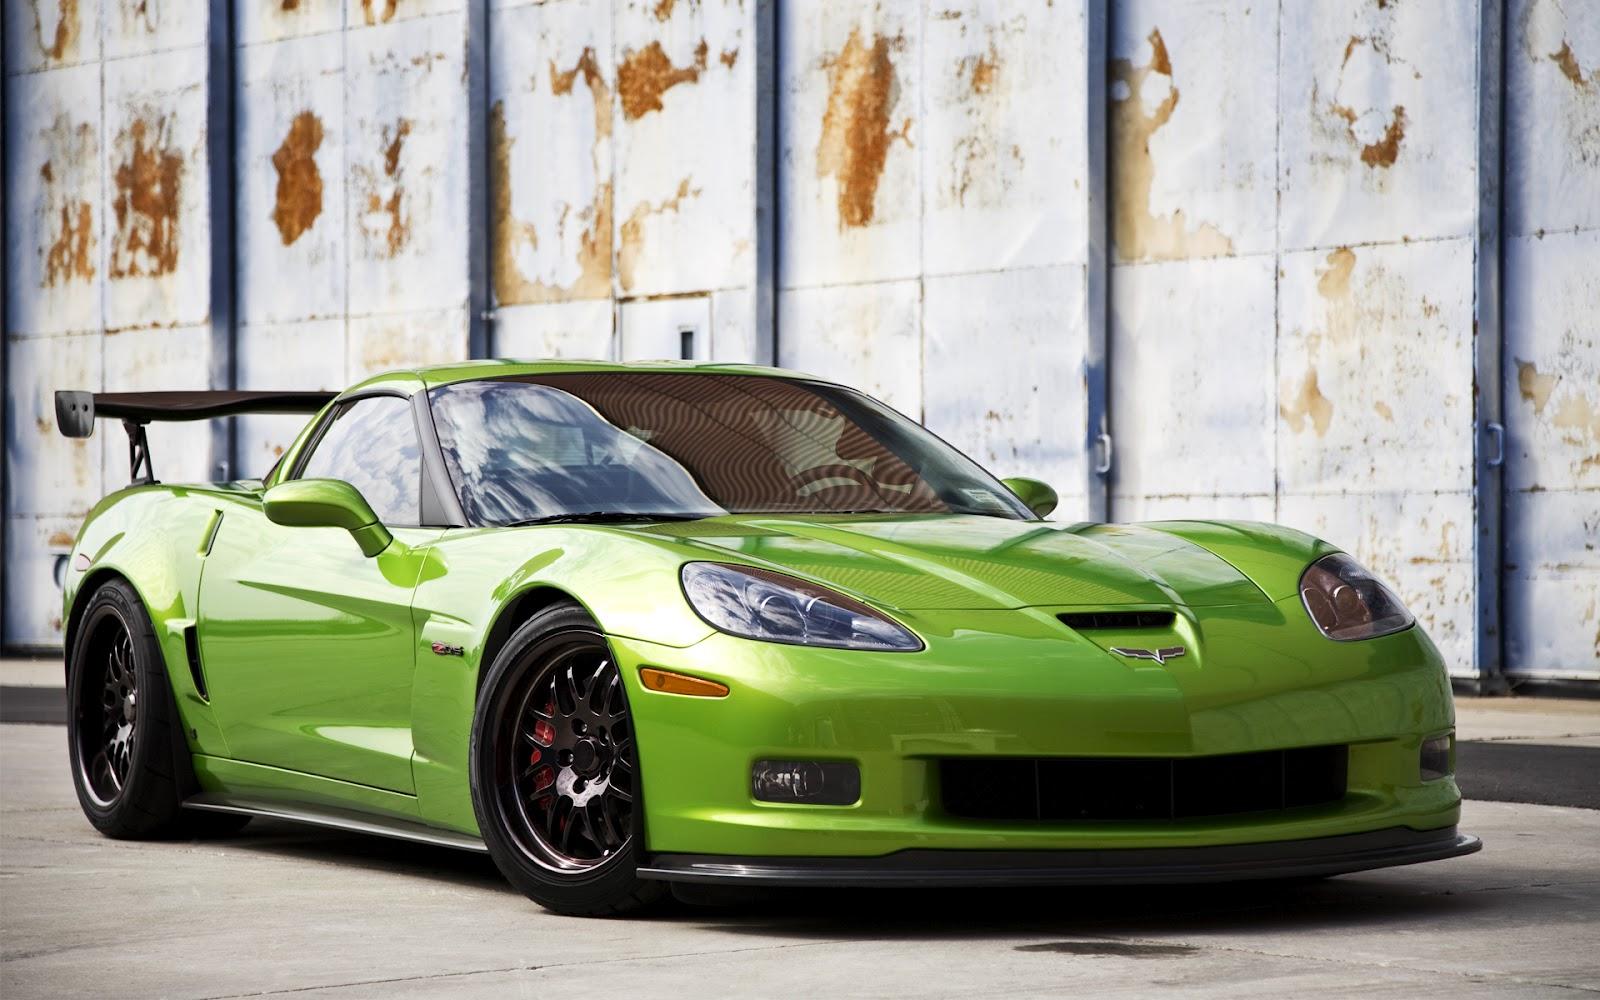 http://1.bp.blogspot.com/-q9QSLuYKOYE/T-2O72KBBVI/AAAAAAAAAgM/CqrrCKmSqDw/s1600/chevrolet+corvette+z06+%281%29.jpg